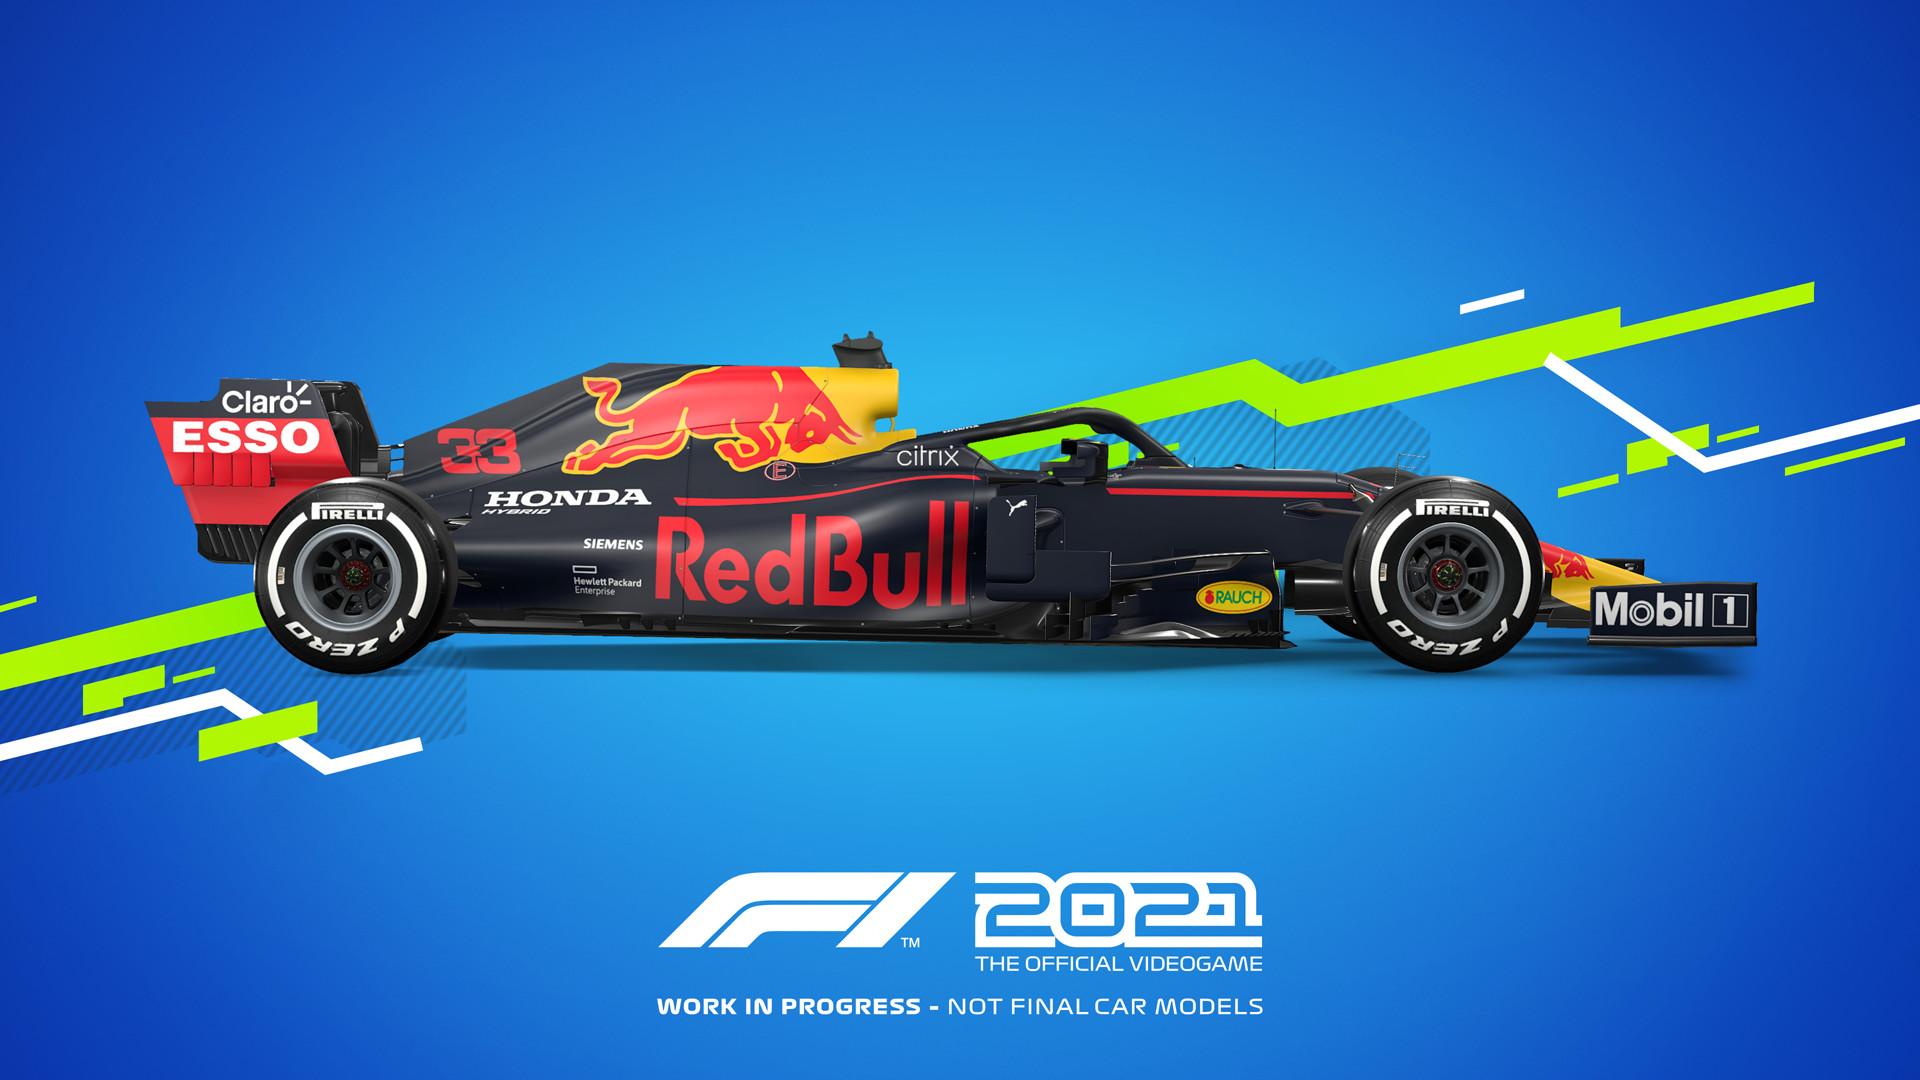 《F1 2021》PC配置公布 推荐1660 Ti